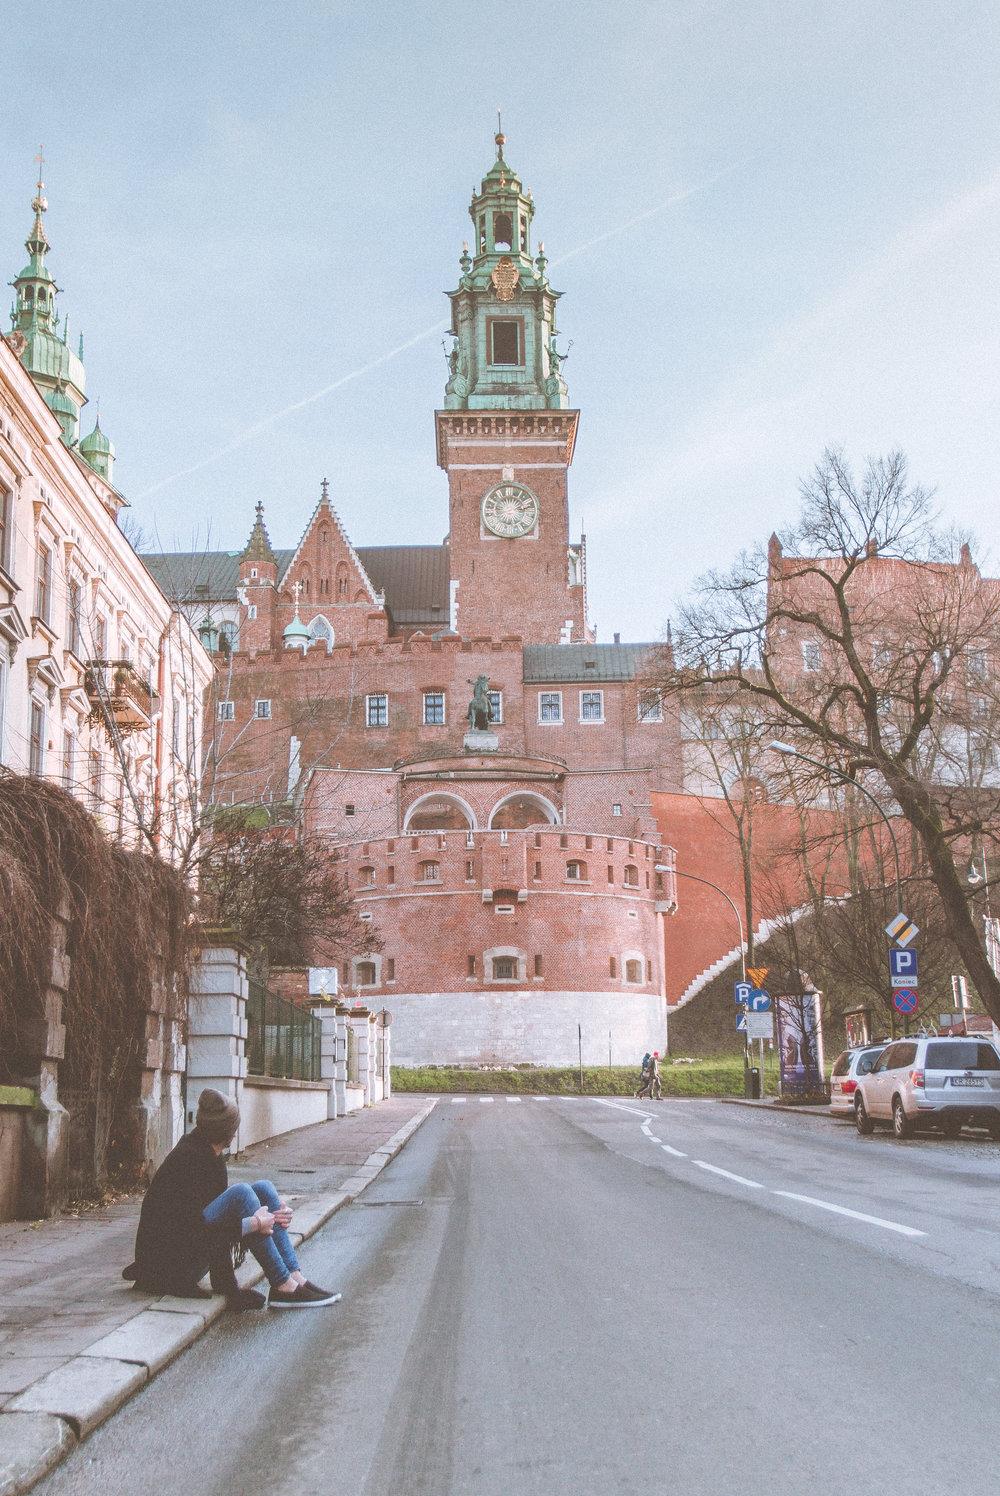 Wawel Castle - Wawel 5, 31-001 Kraków, Poland